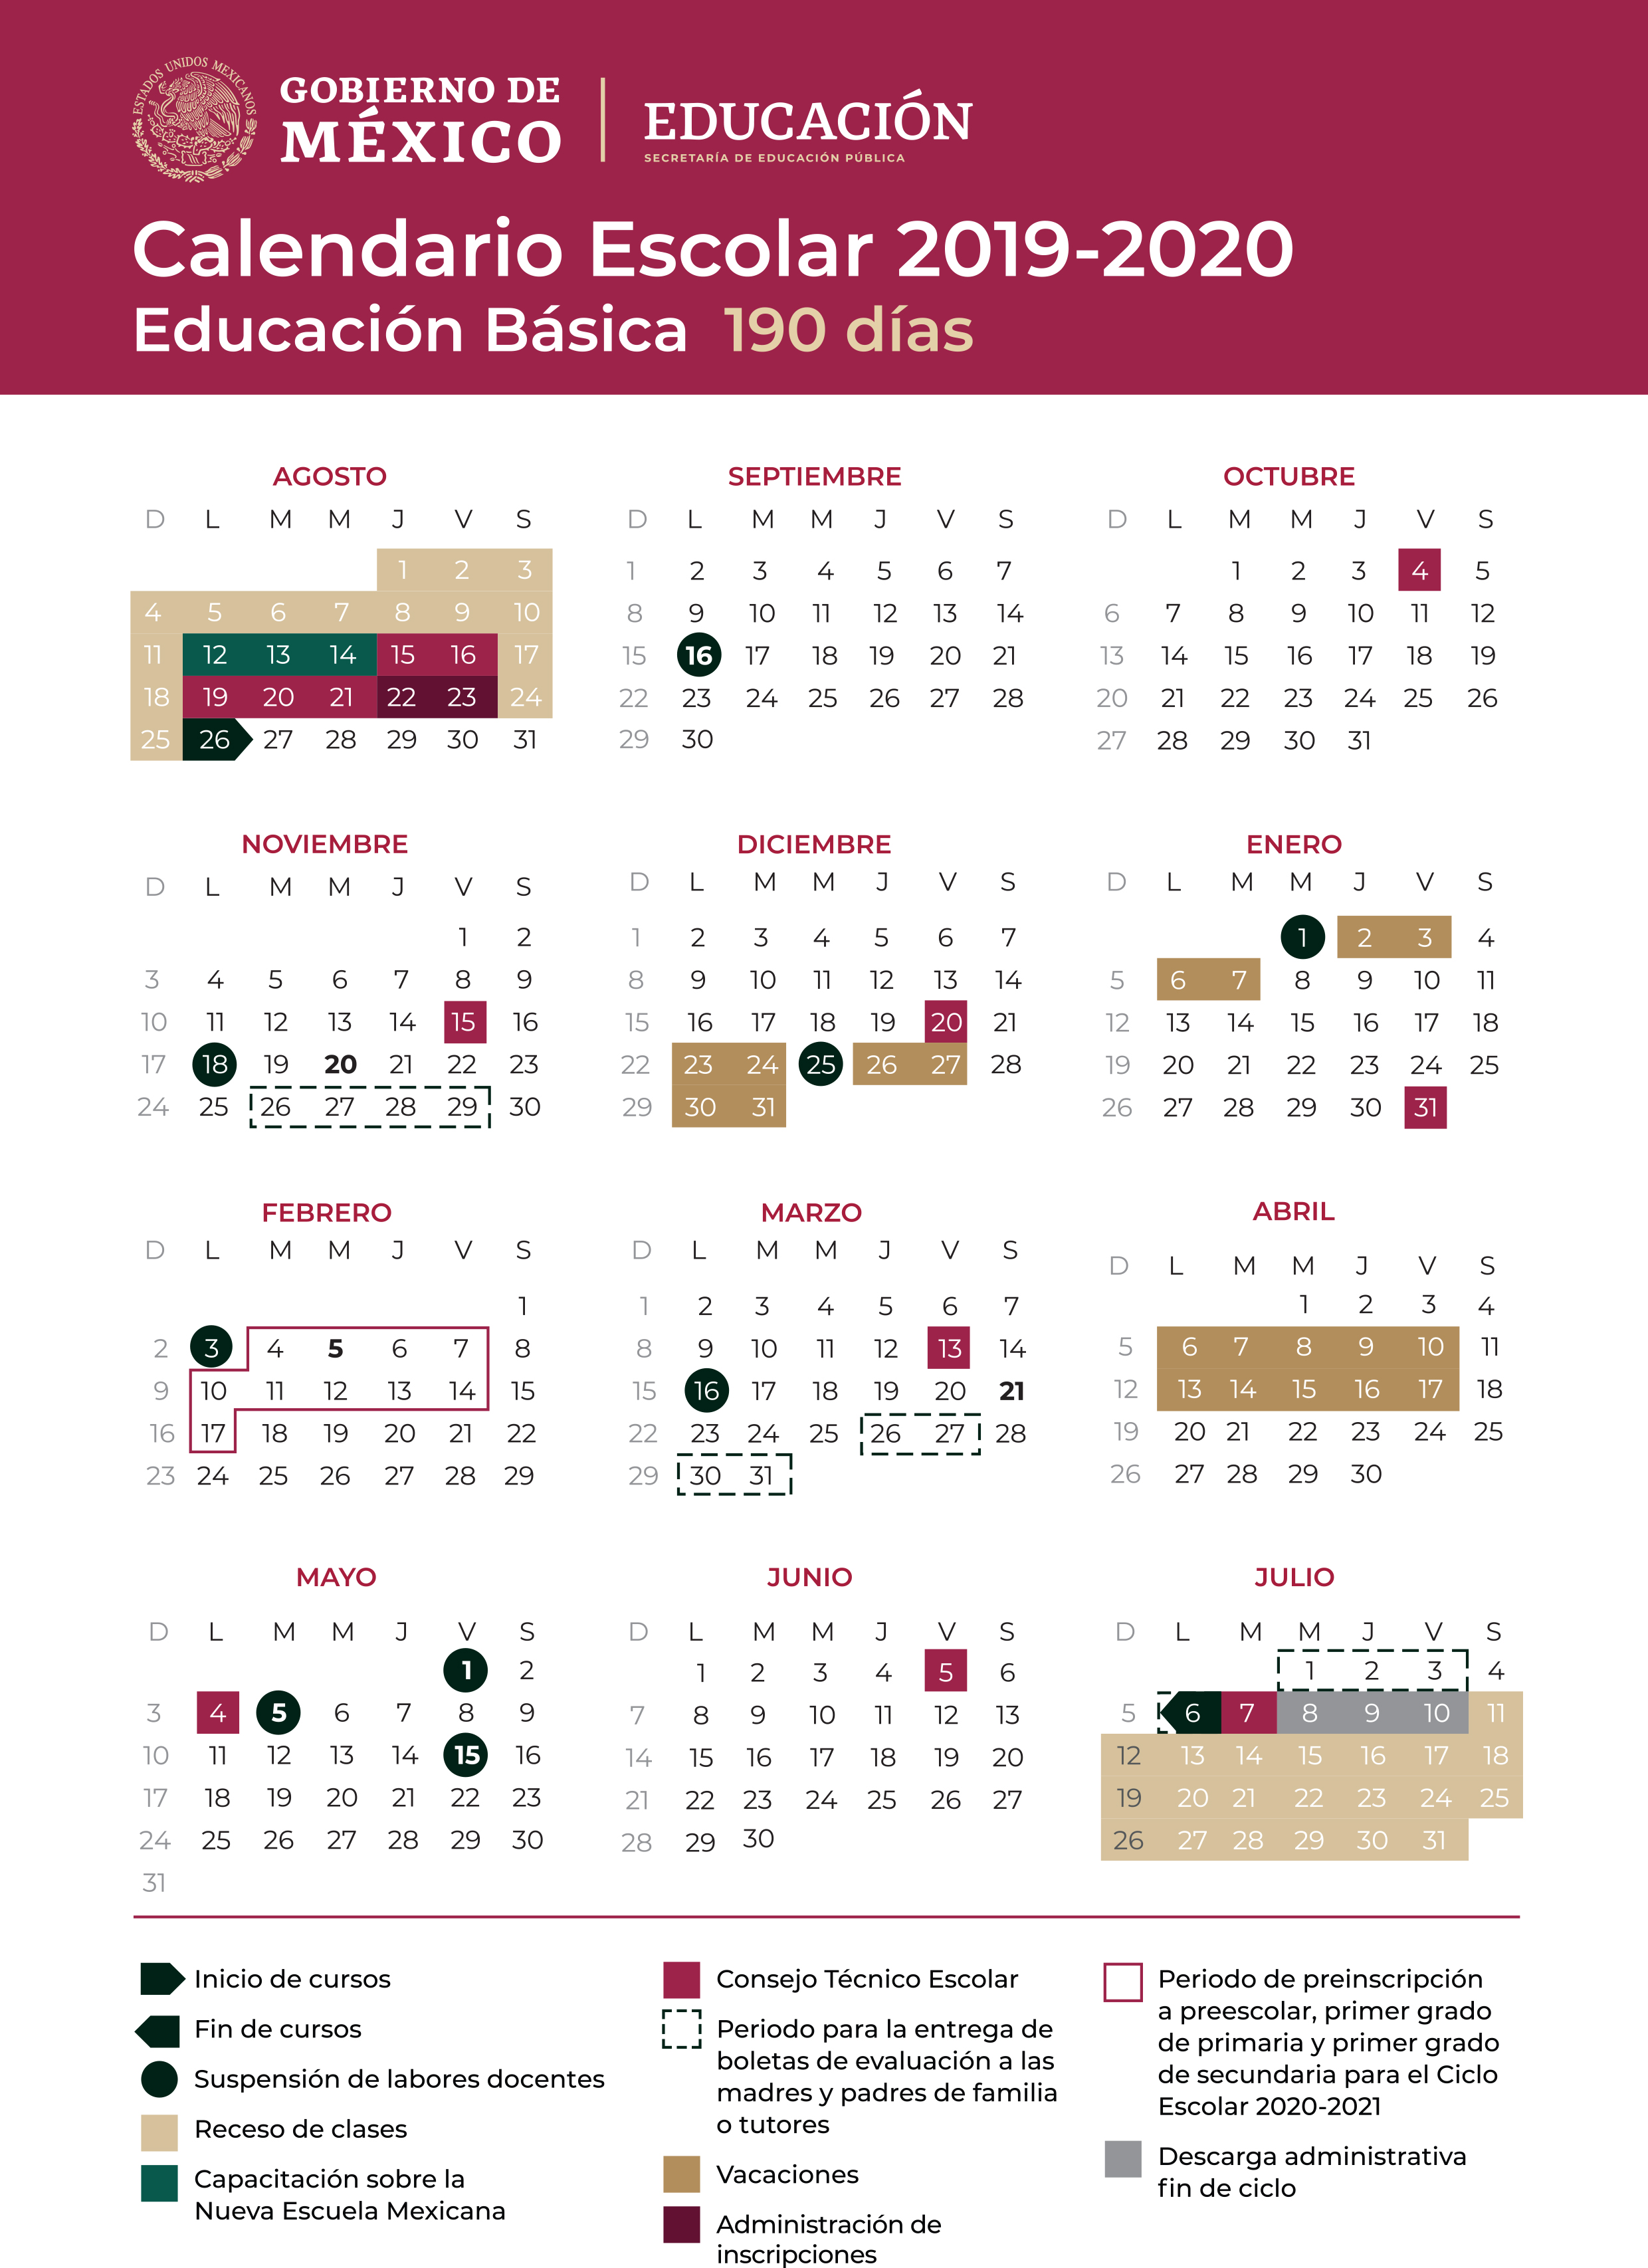 Calendario_escolar_BASICA-1920.jpg